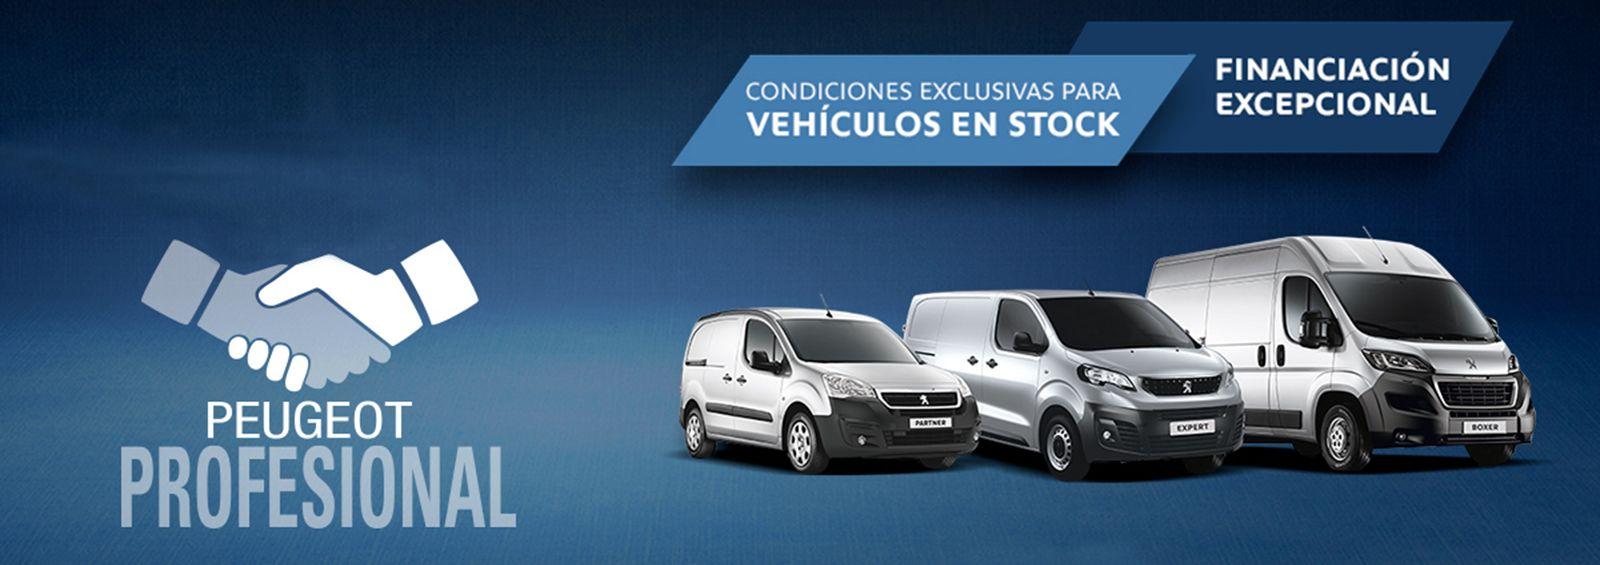 COVER, Concesionario Oficial Peugeot en Salcedo (Pontevedra)